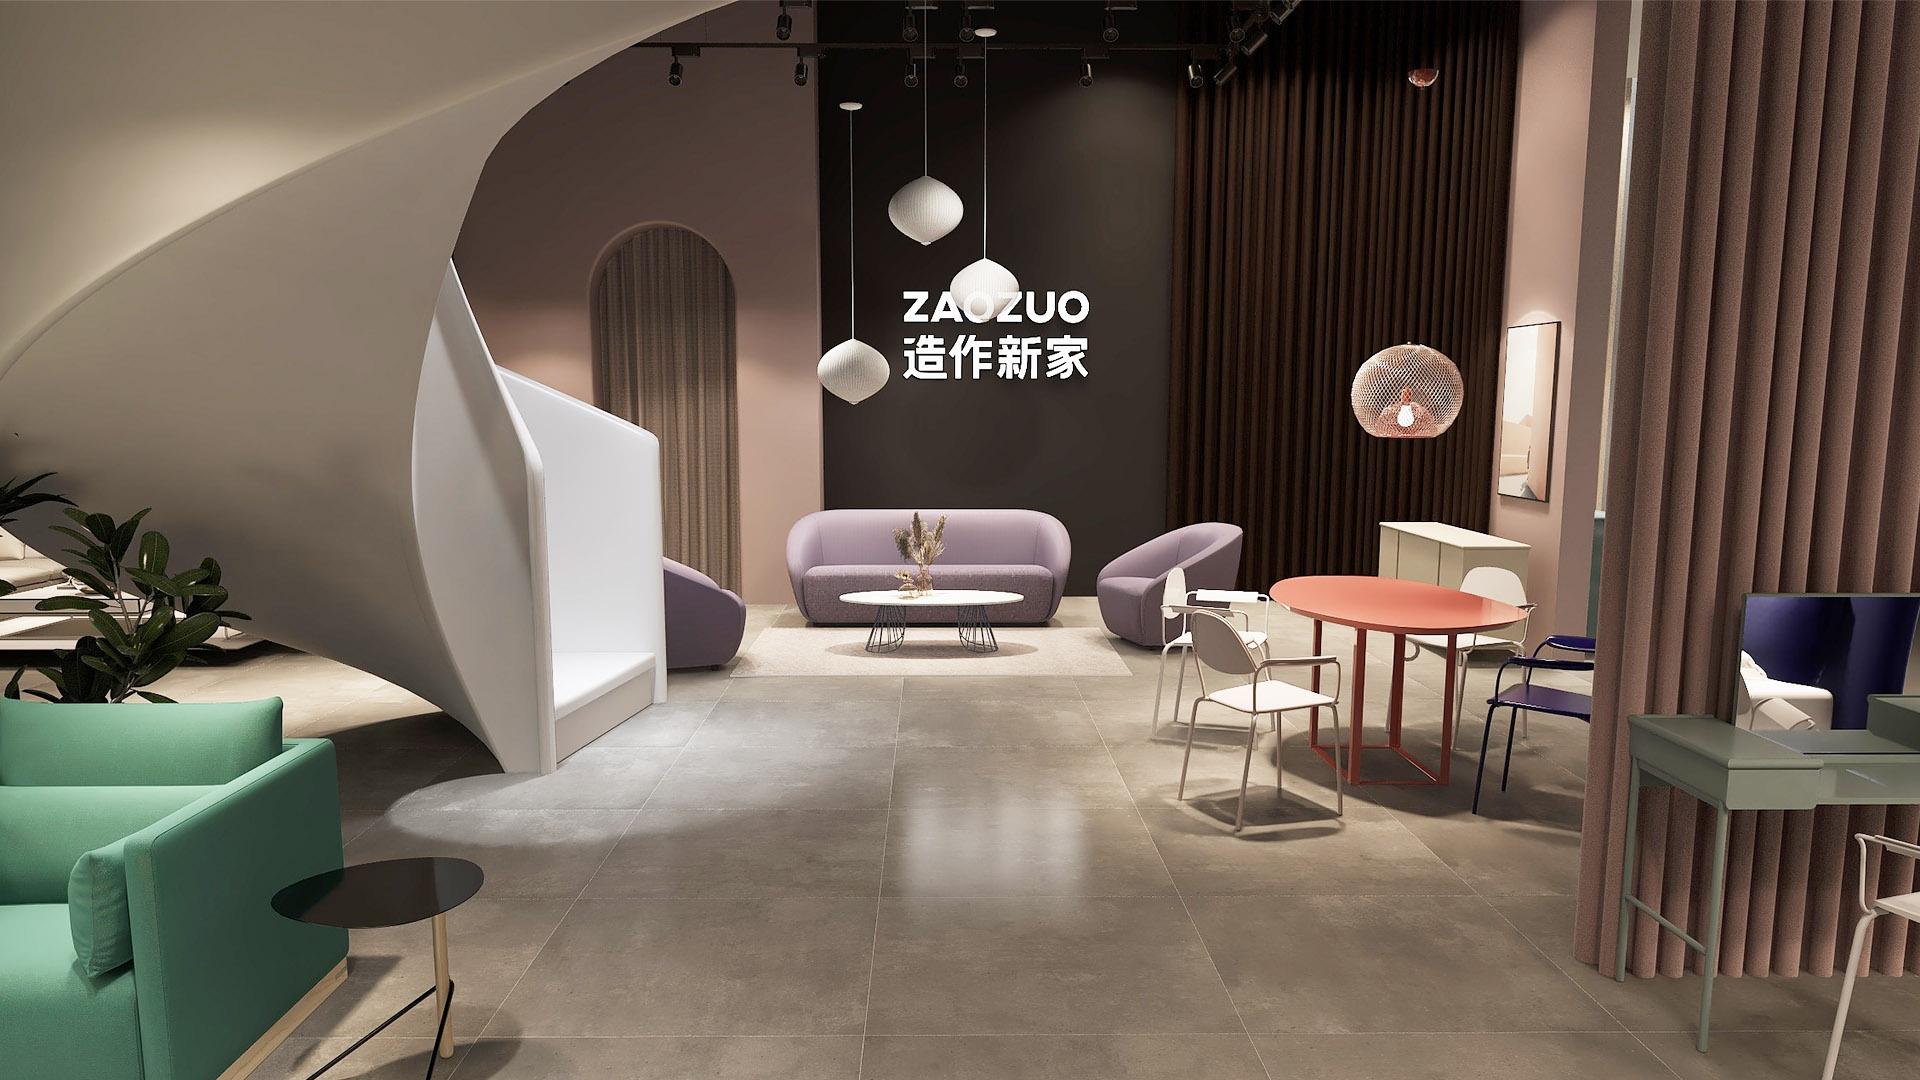 成都、云南、台湾……更多新店即将见面